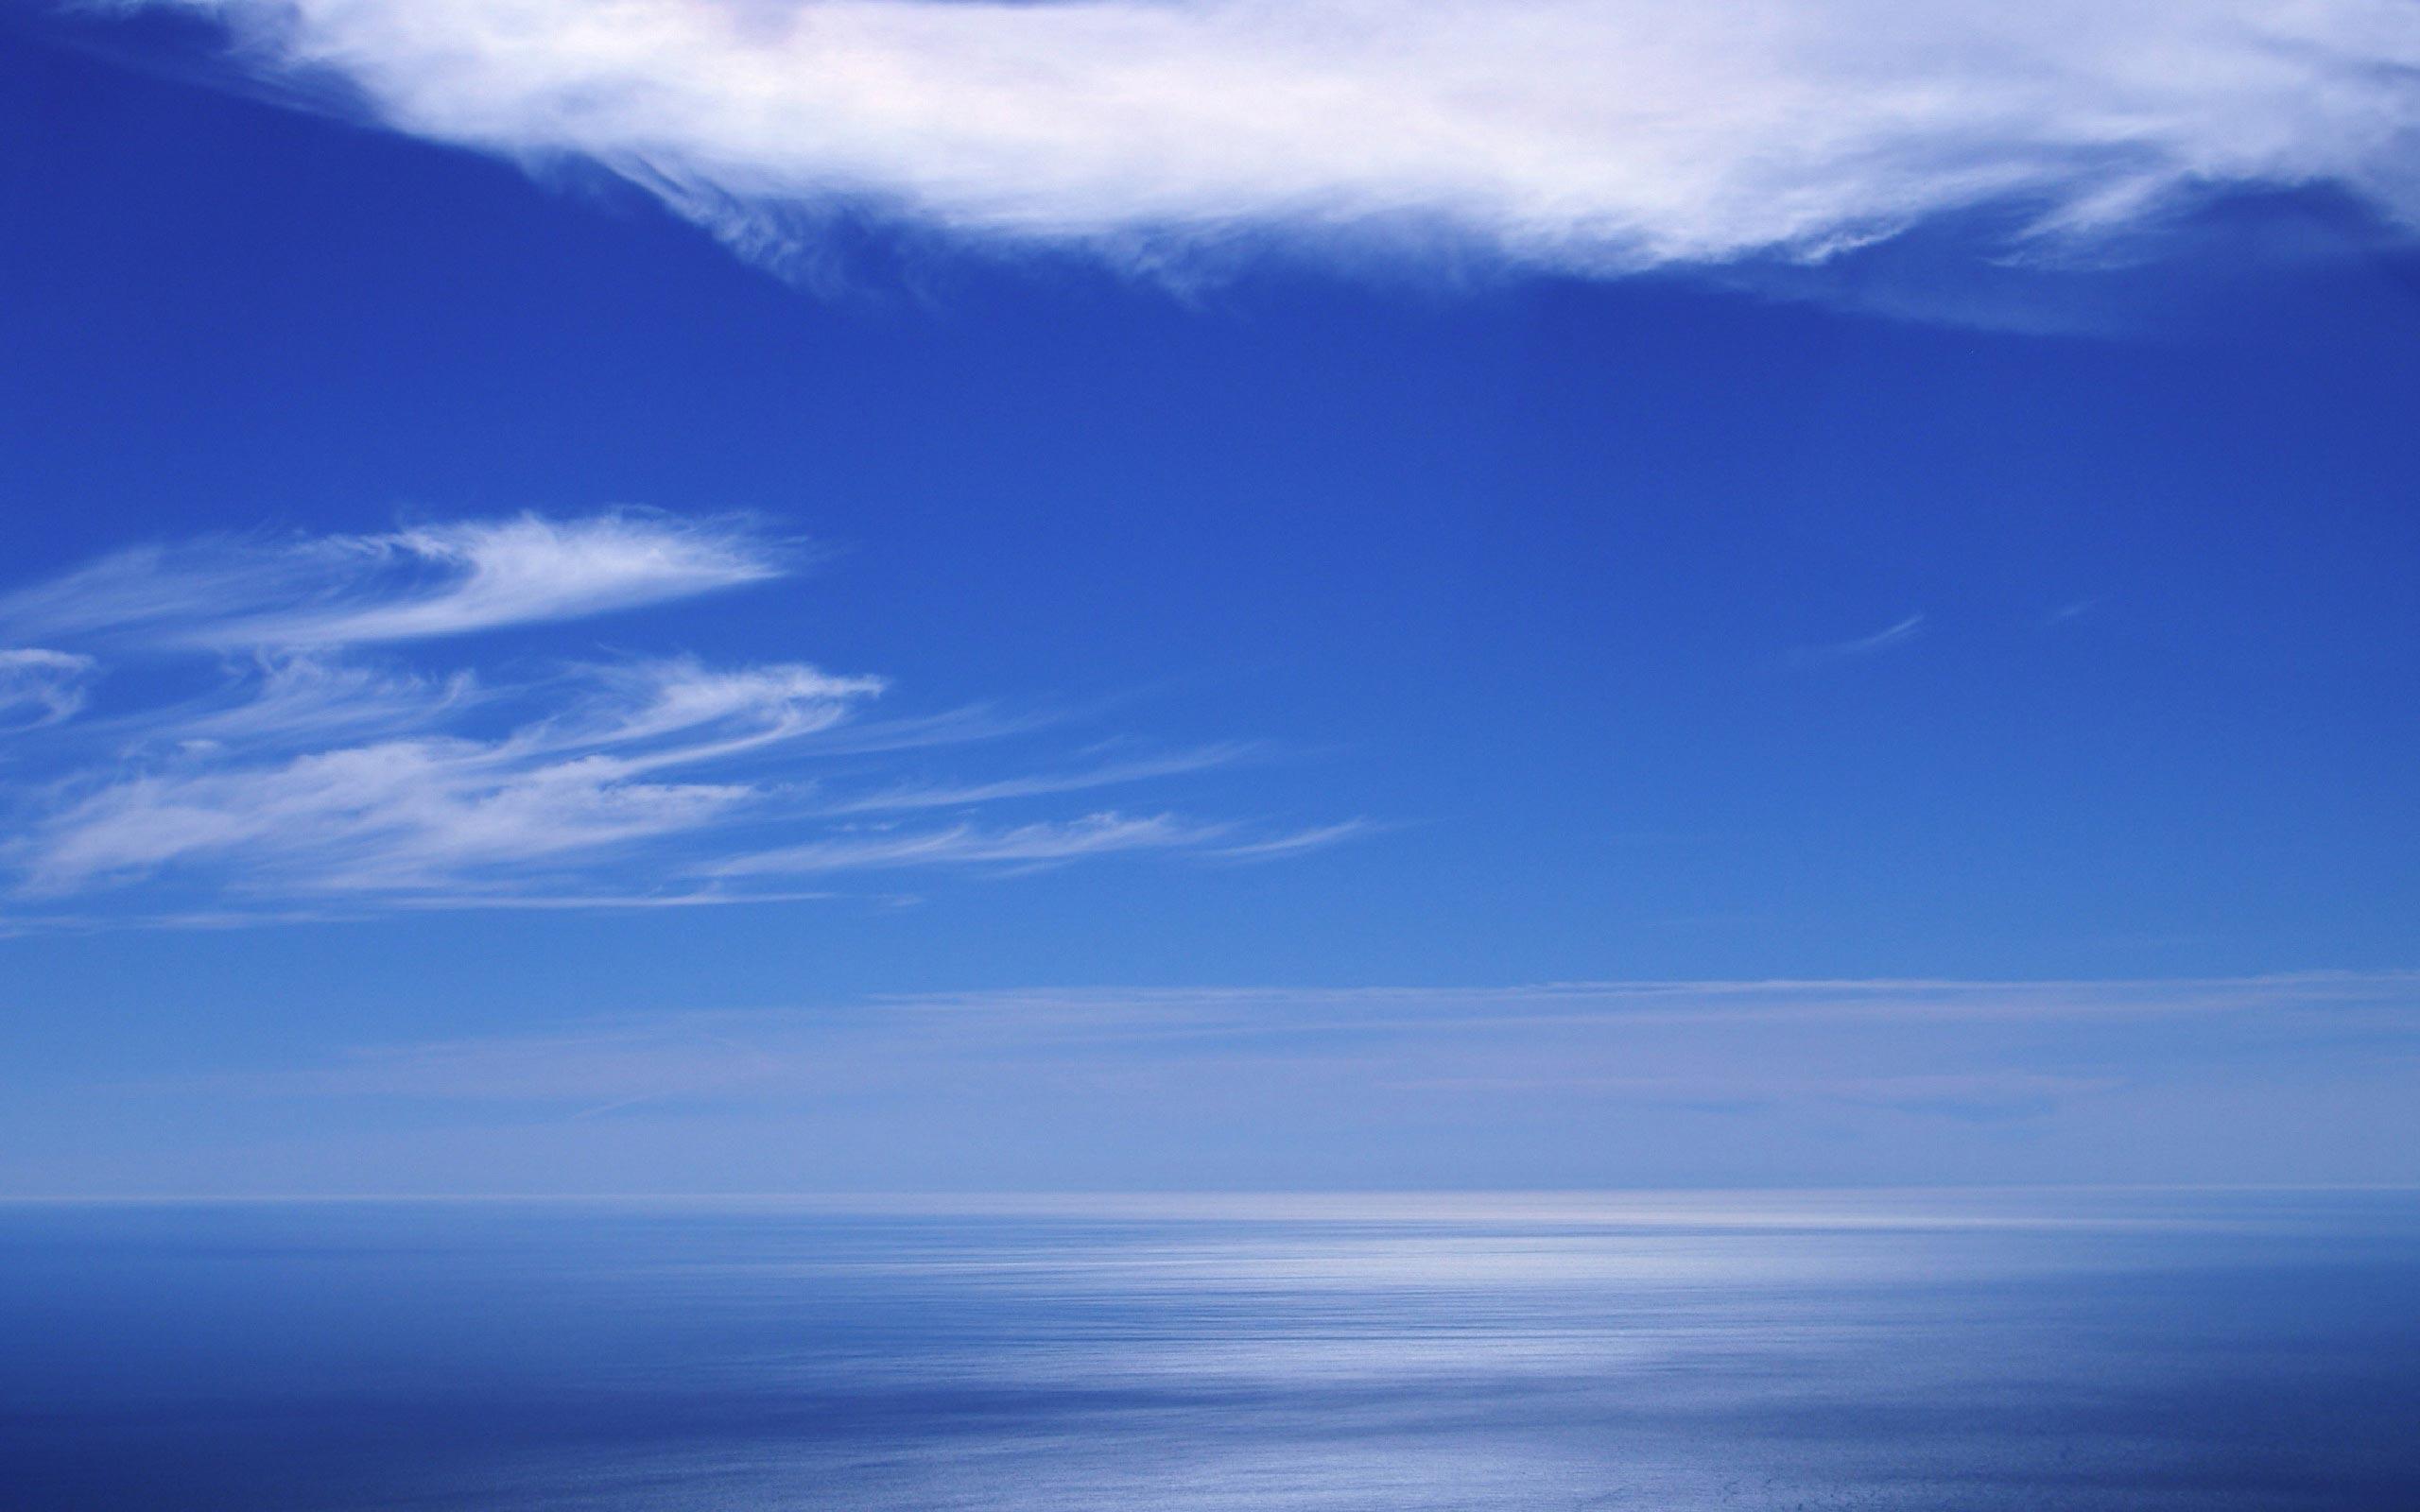 بالصور لماذا السماء زرقاء , ما سبب اللون الازرق فى السماء 118 2